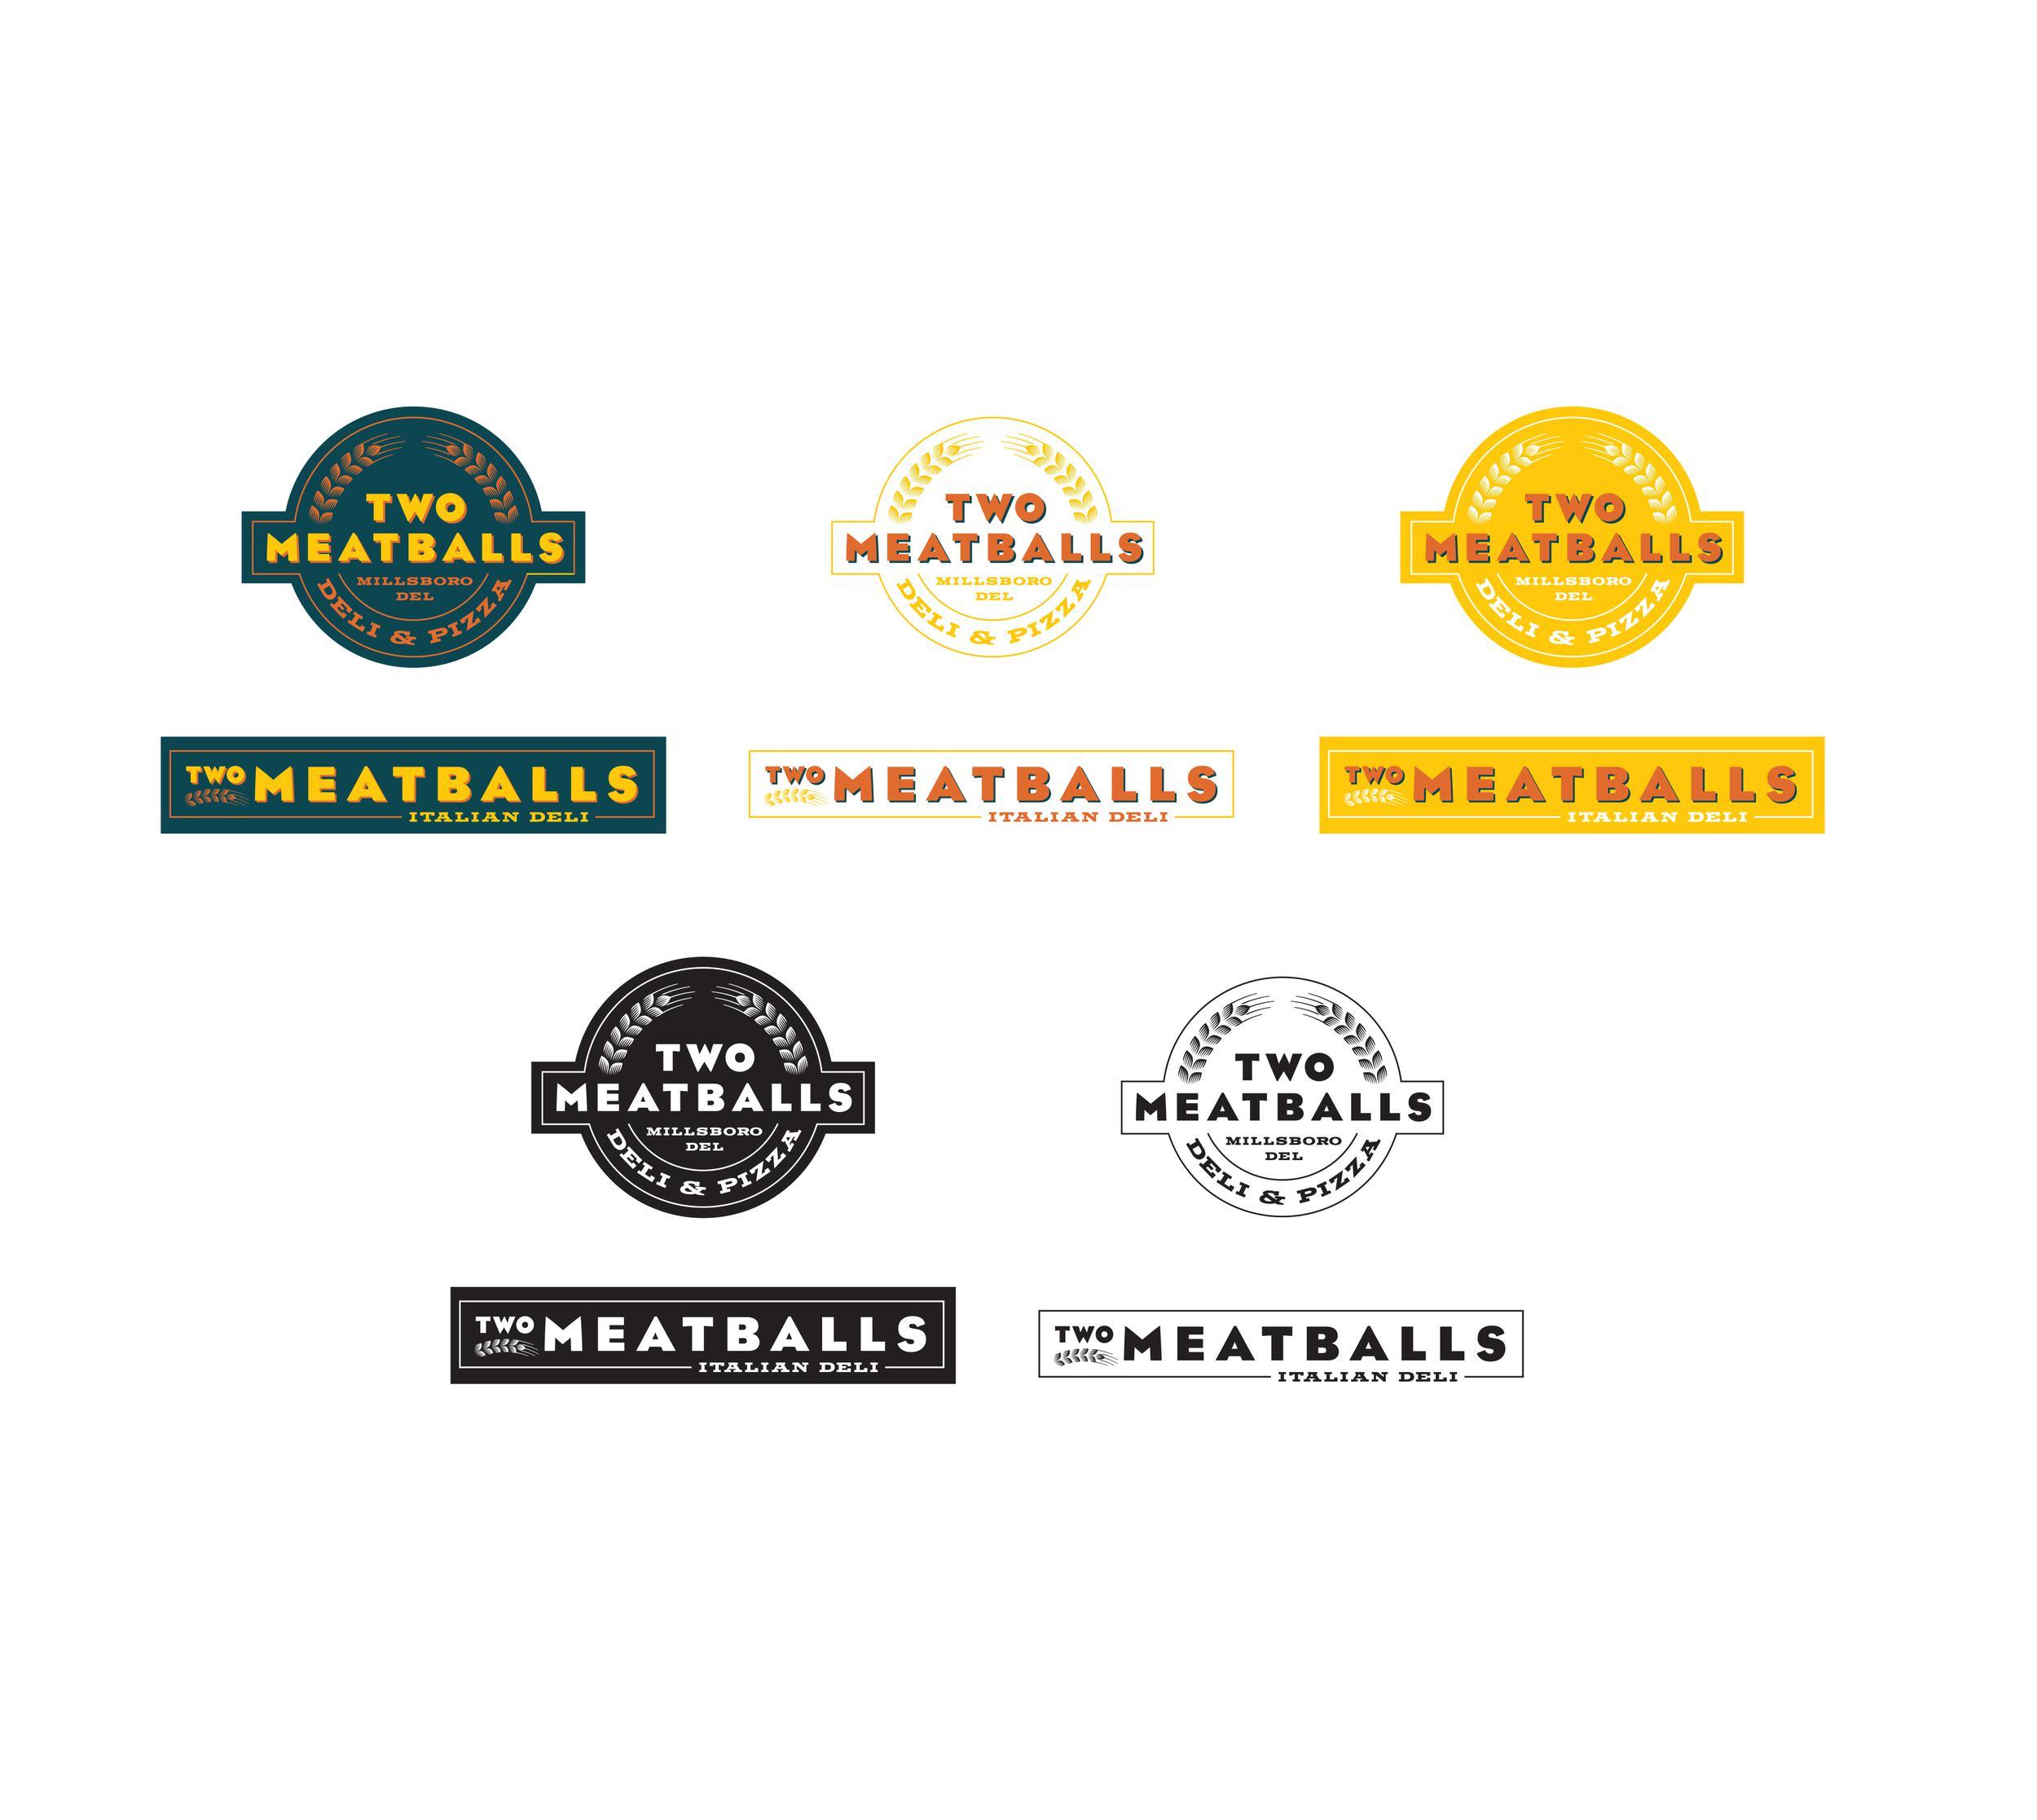 two_meaballs_branding_exploration-3.jpg